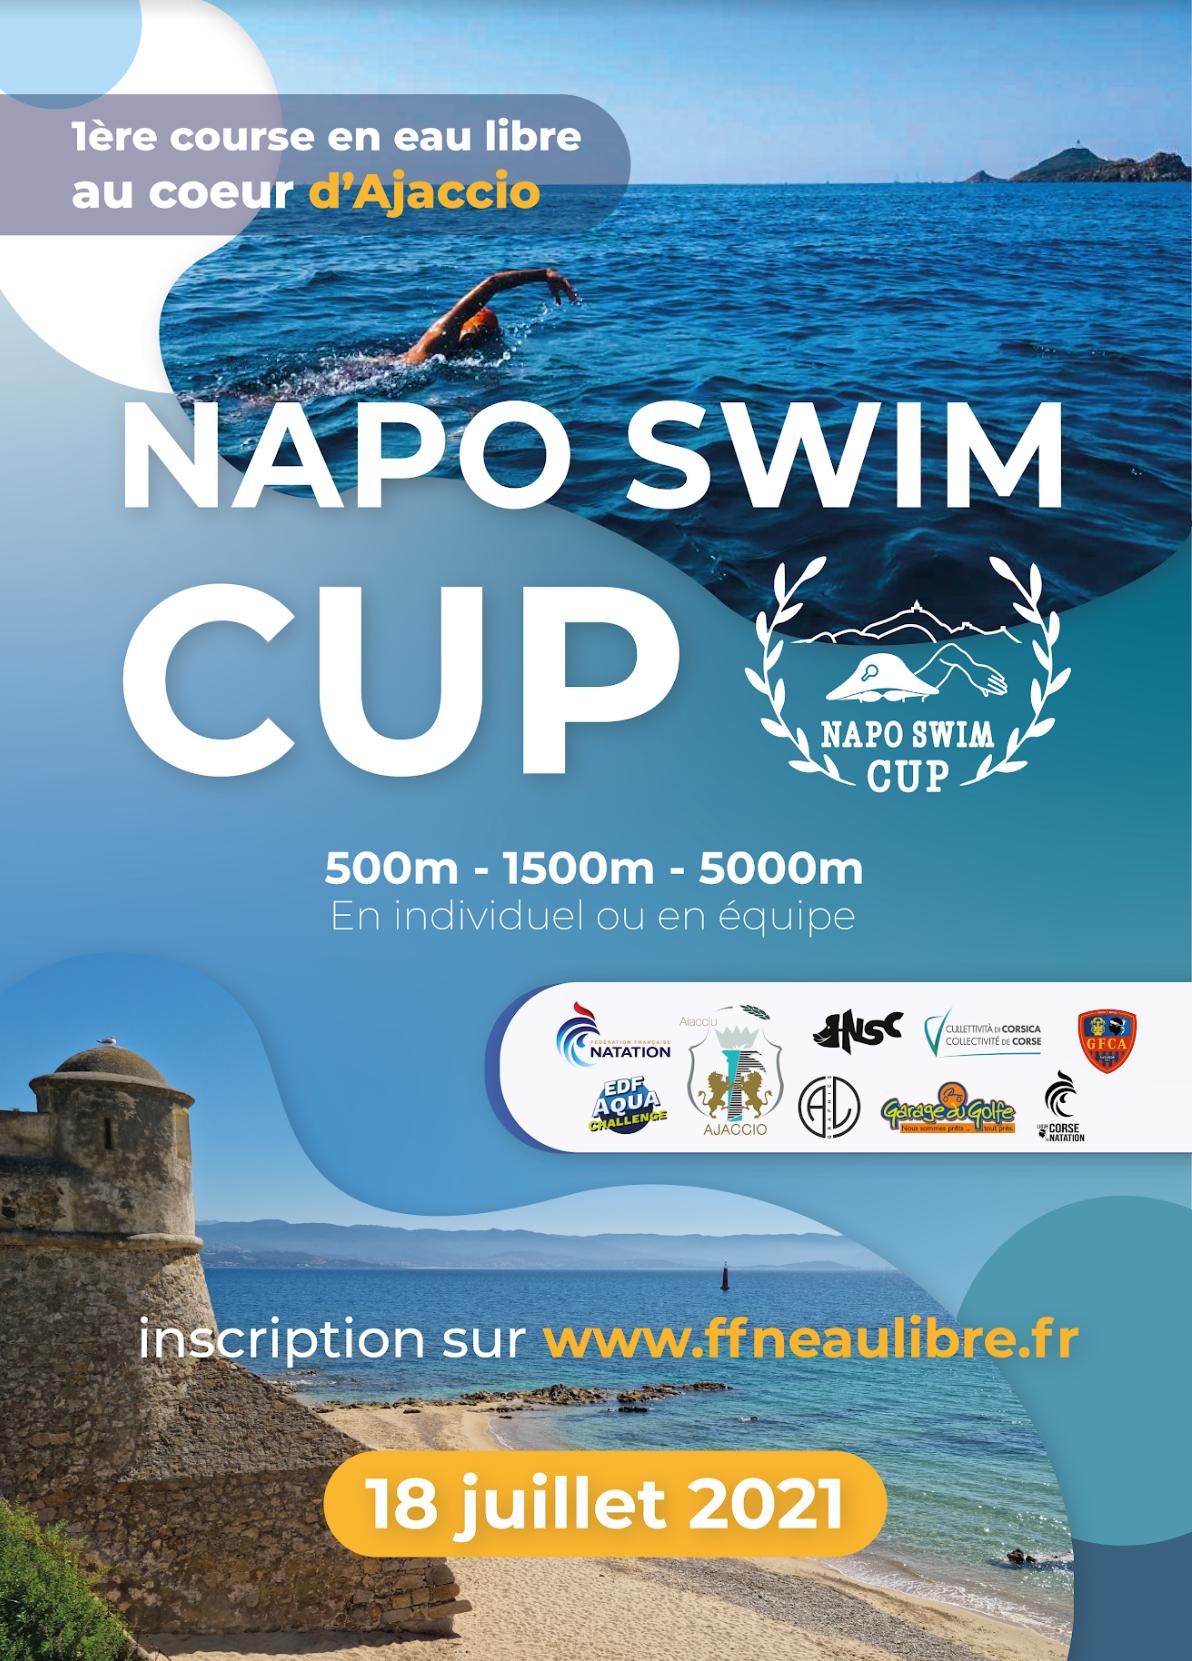 Inscrivez-vous pour la compétition en eau libre, la Napo Swim Cup, le 18 juillet